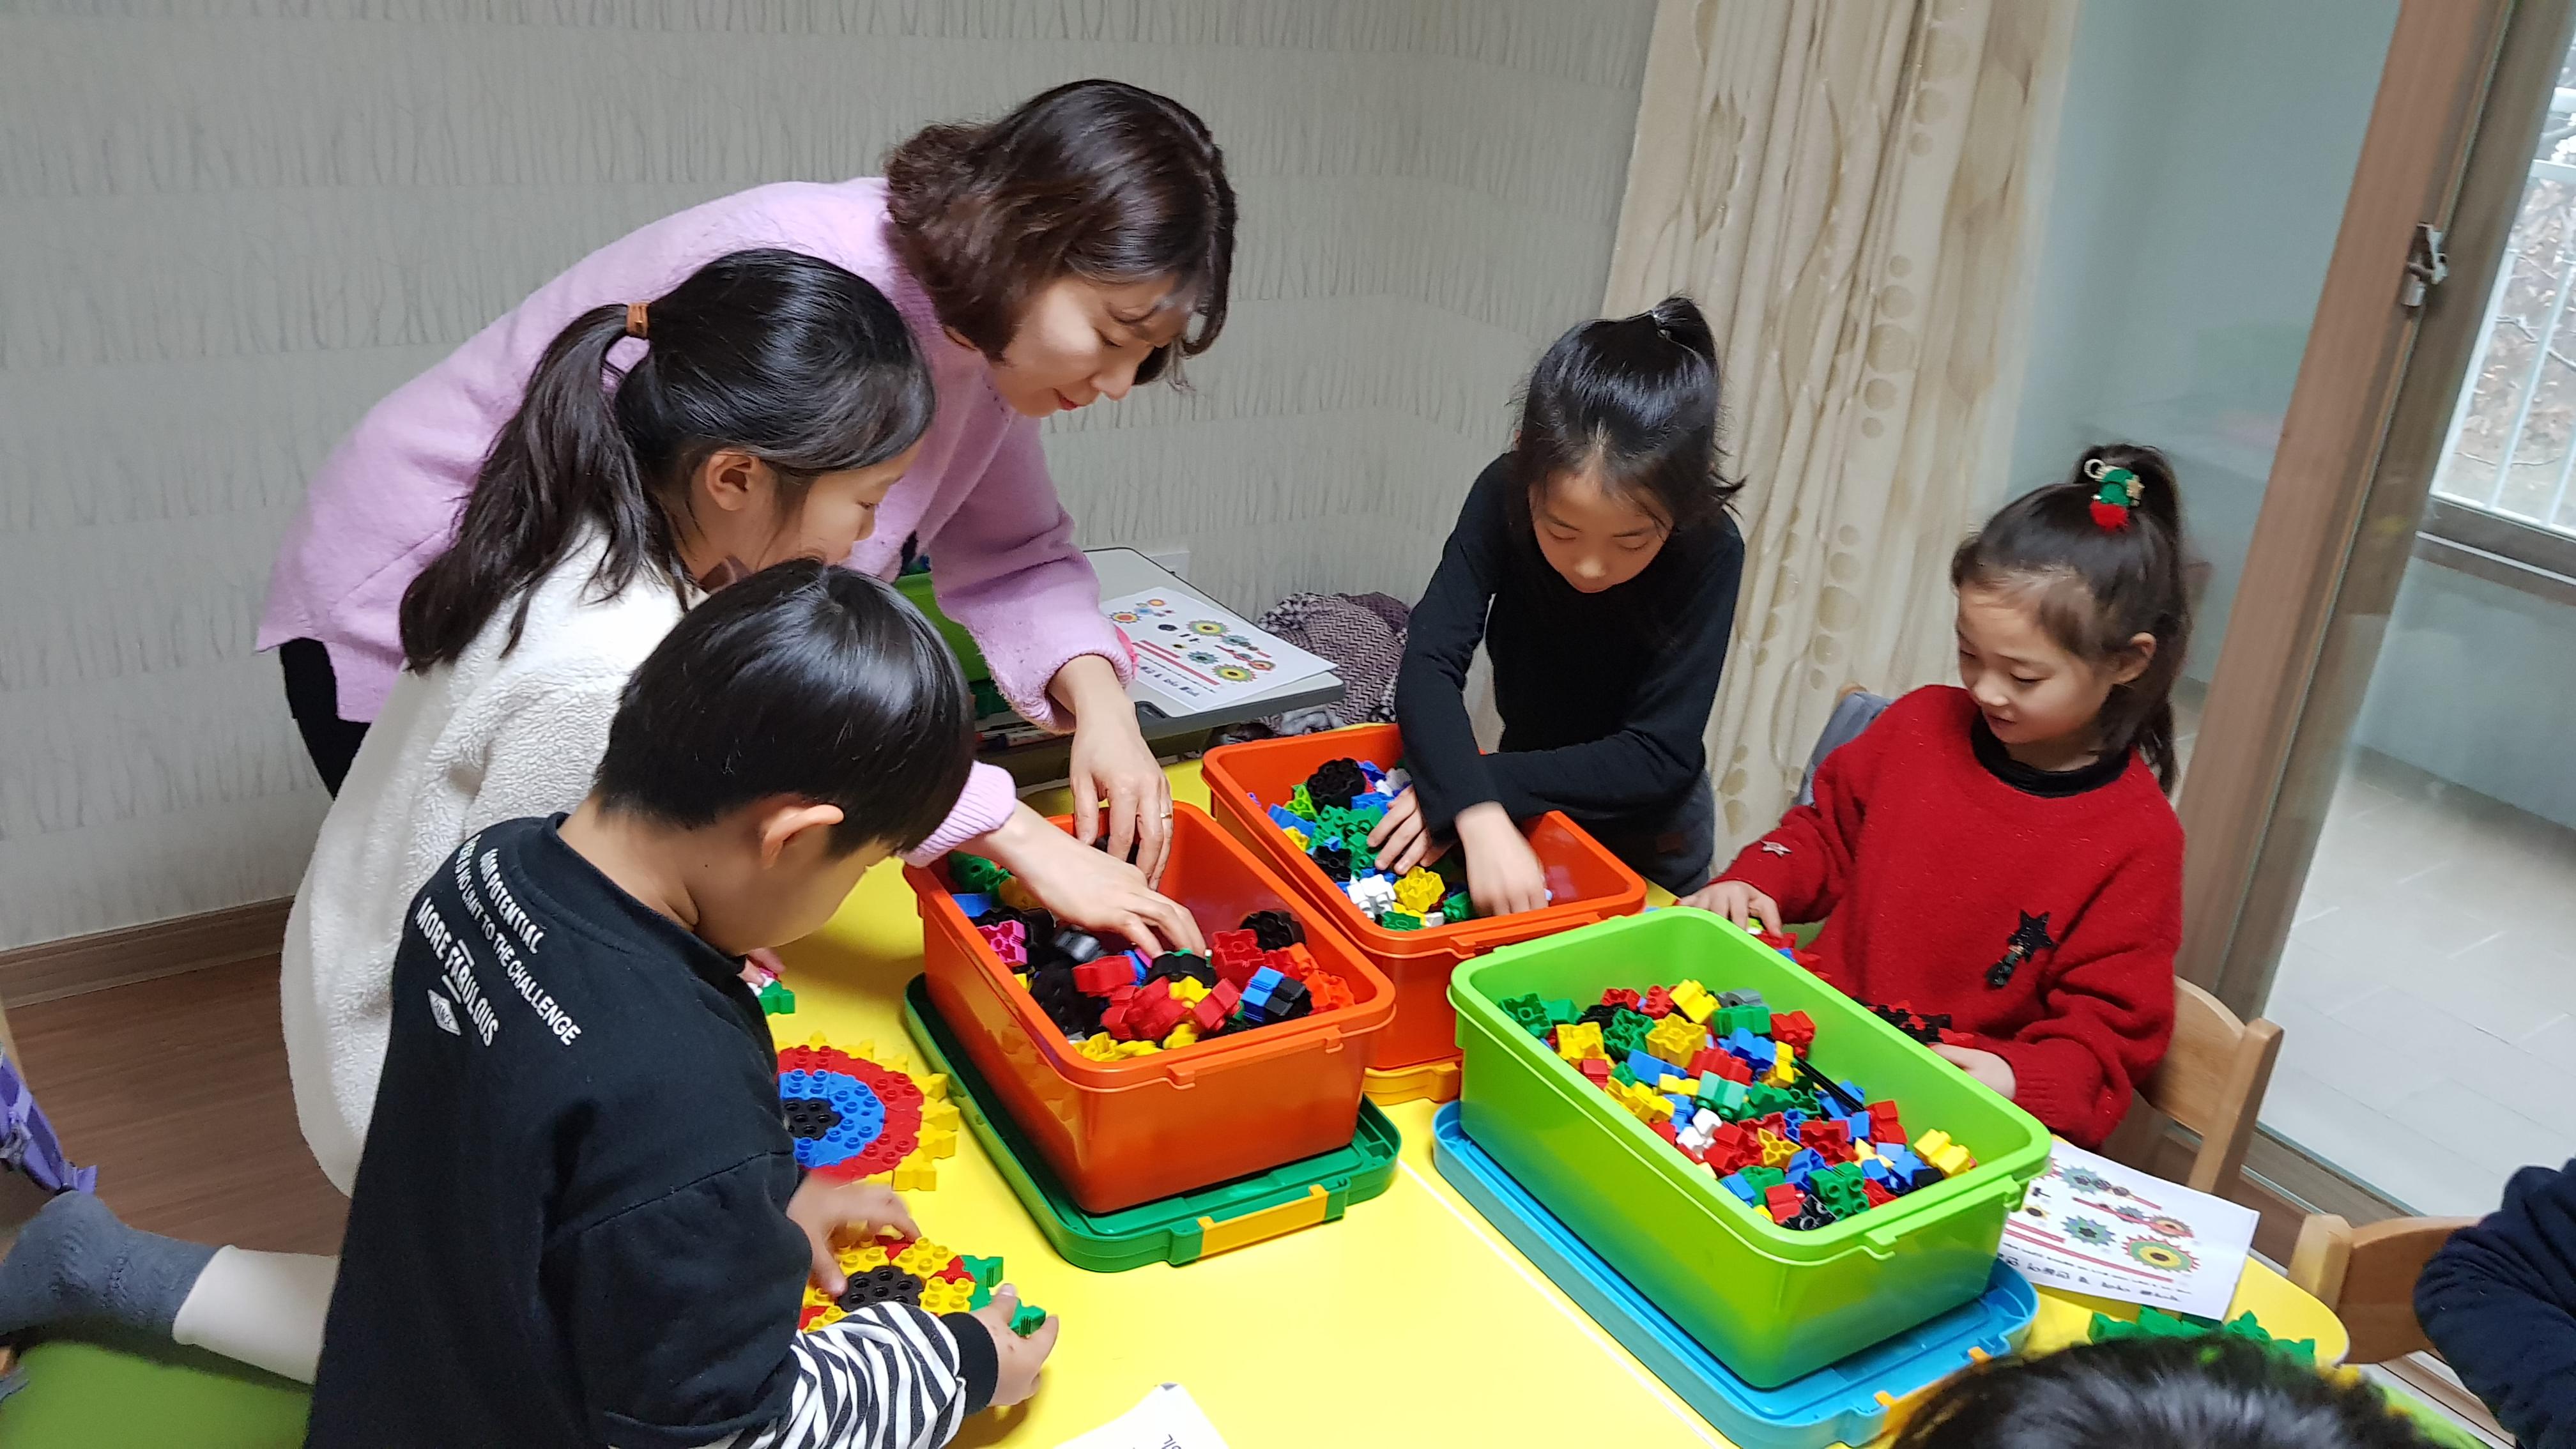 동서발전 자녀 돌봄교실 운영